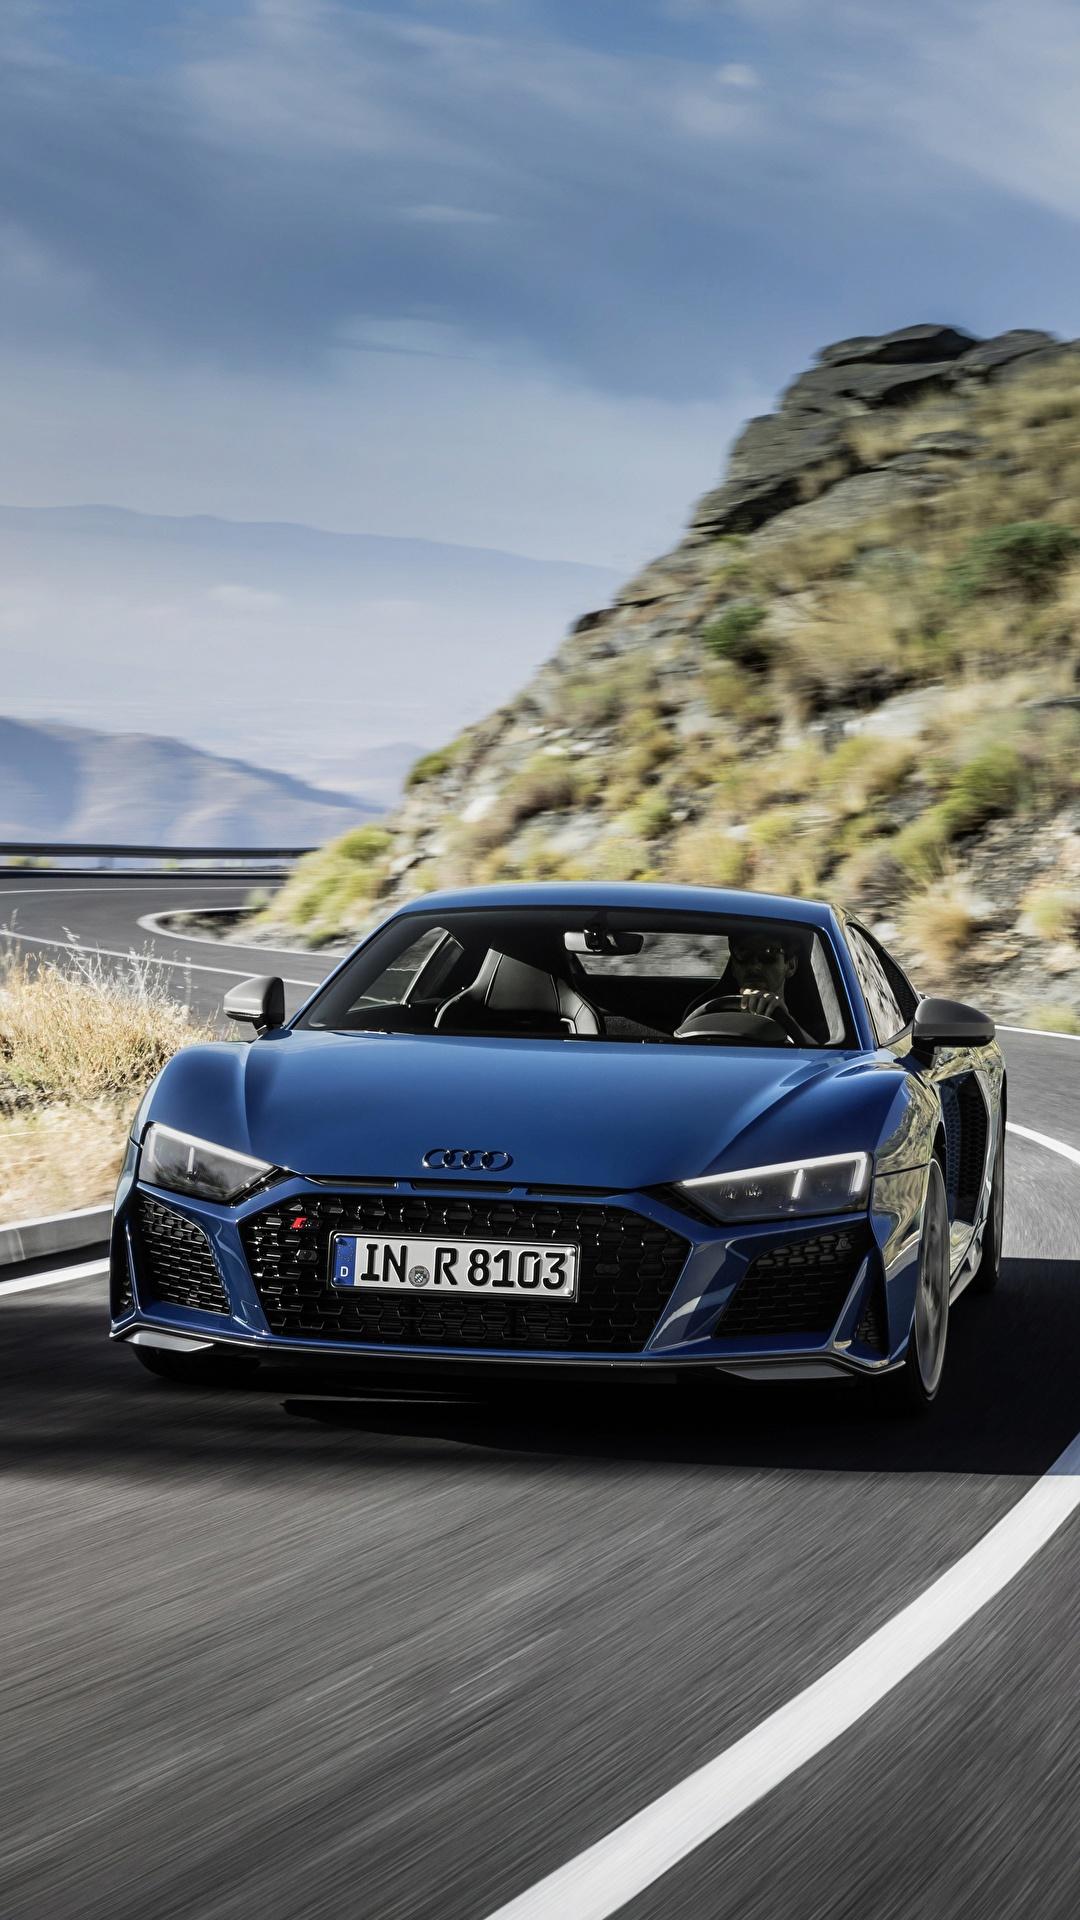 Картинки Audi R8 V10 quattro performance Синий Дороги едущая авто Спереди 1080x1920 для мобильного телефона Ауди синяя синие синих едет едущий скорость Движение машина машины Автомобили автомобиль